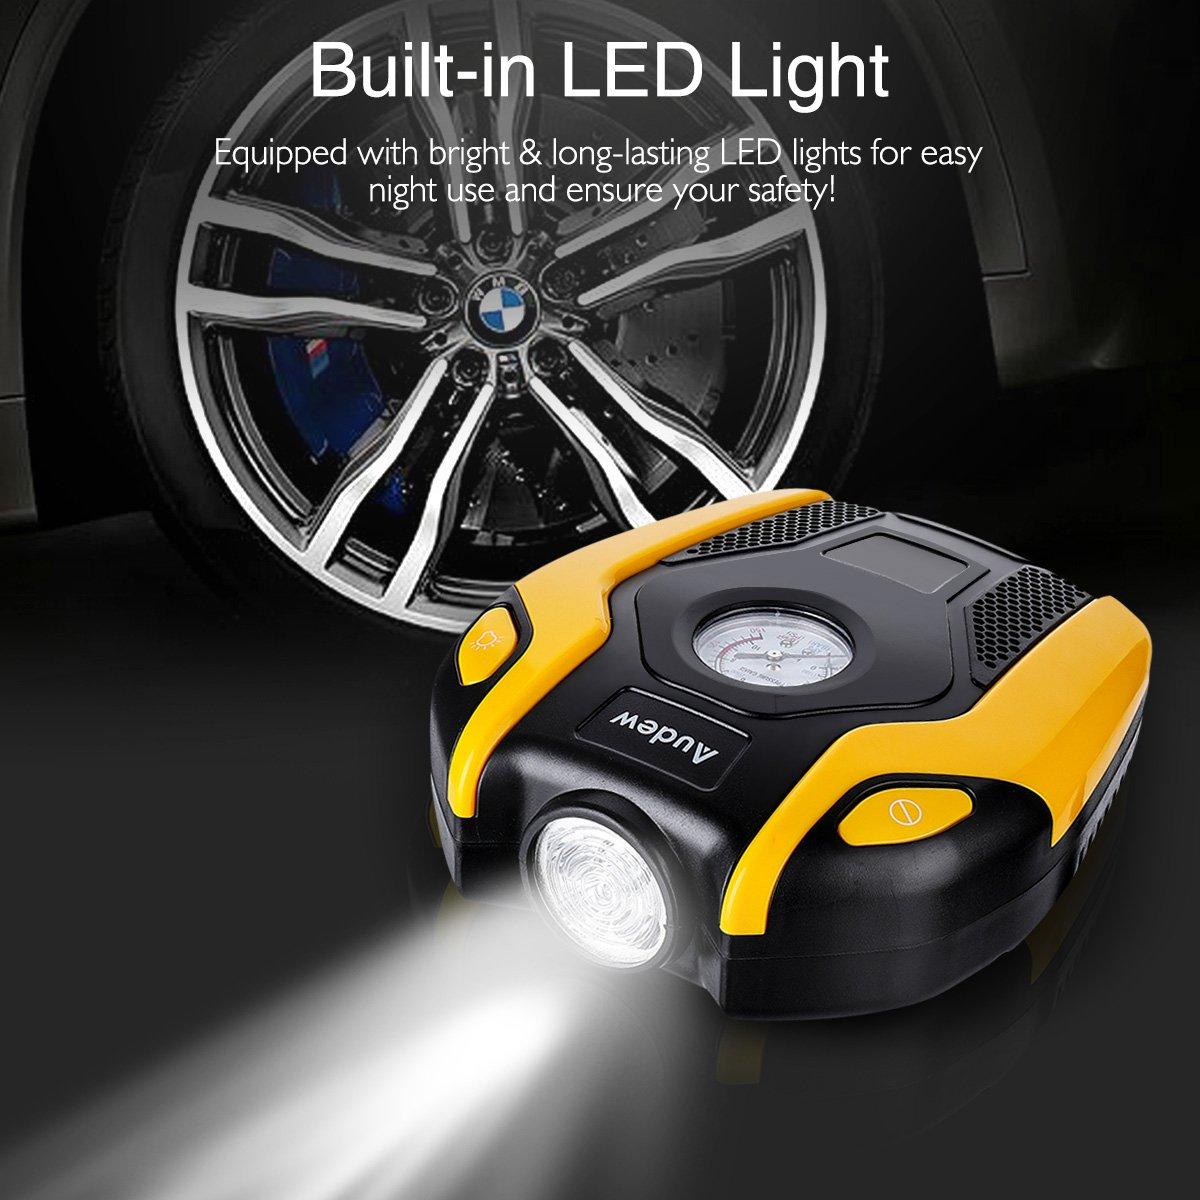 Luftmatratze und andere Inflatables Fahrrad Audew Luftkompressor Tragbare Luftpumpe Reifen Inflator Auto Reifenpumpe mit LED-Lampe und Manometer f/ür Auto